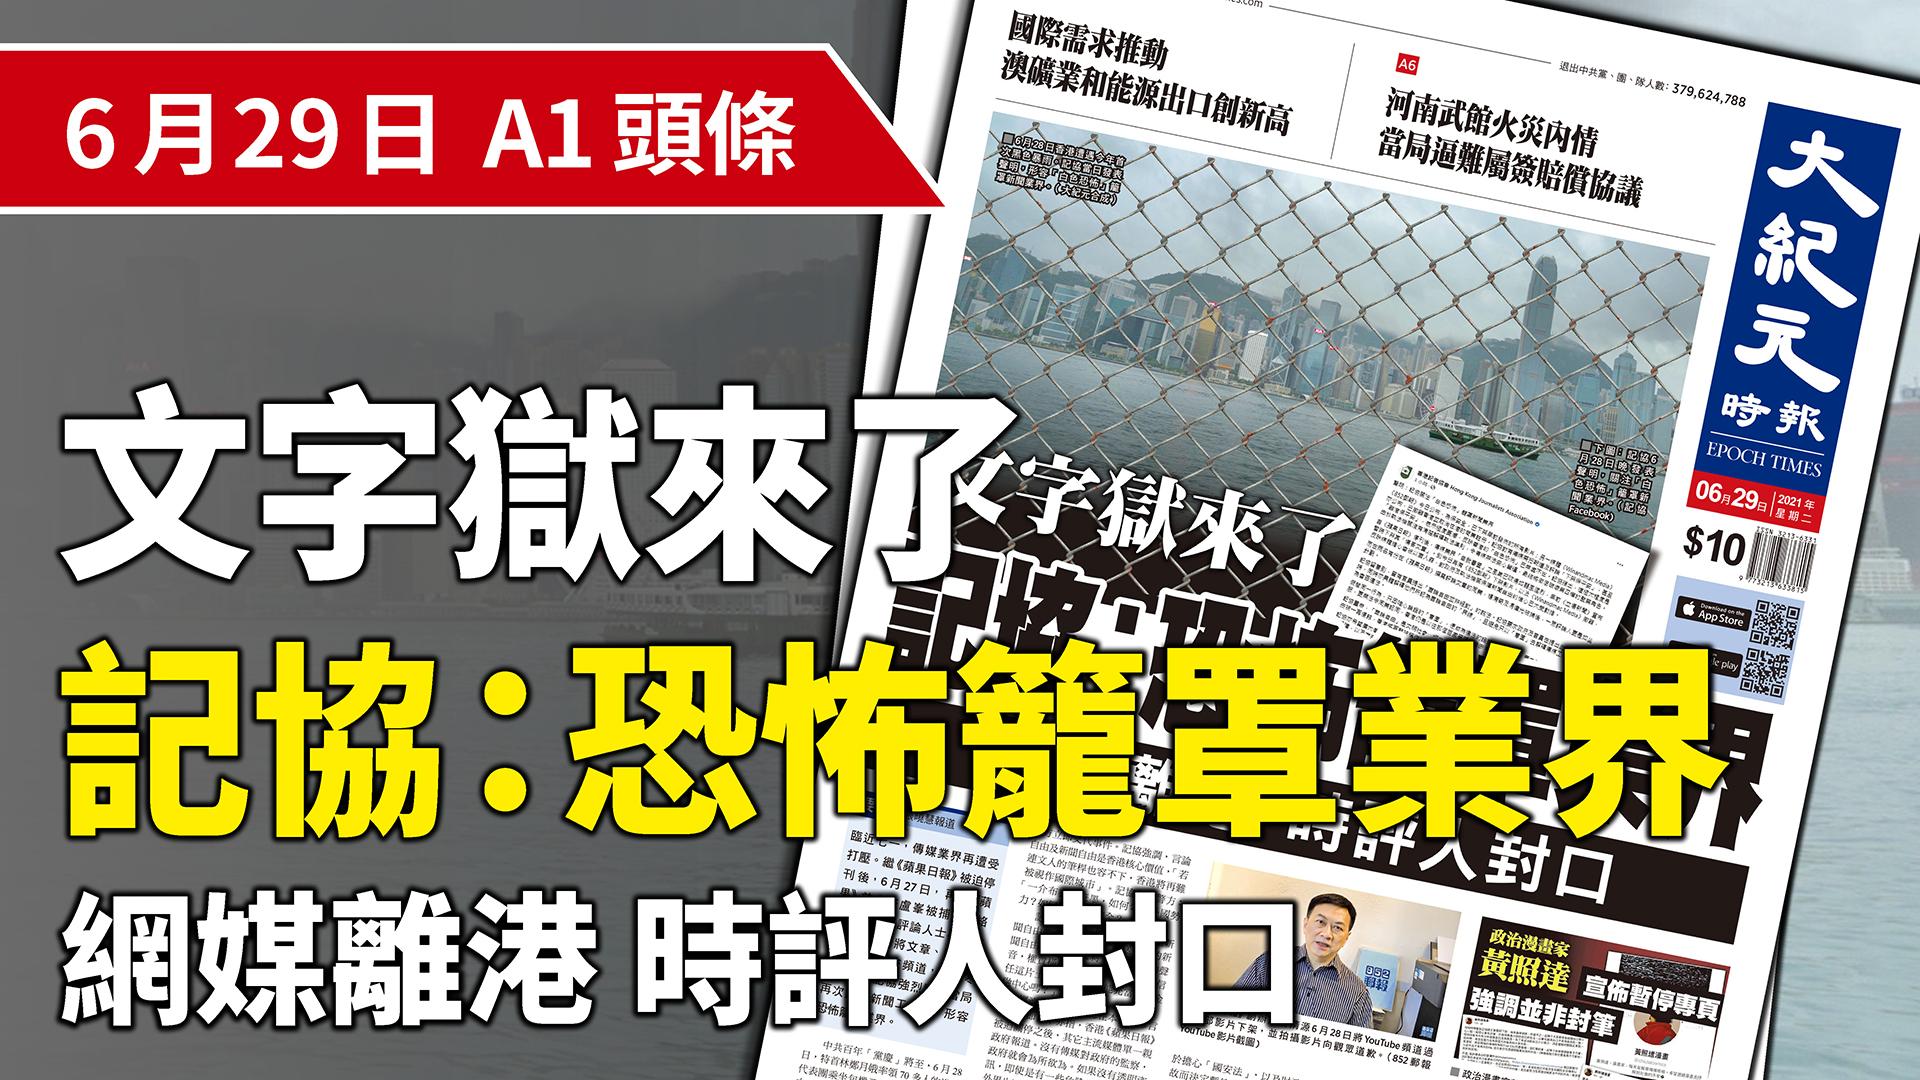 6月28日香港遭遇今年首次黑色暴雨。記協當日發表聲明,形容「白色恐怖」籠罩新聞業界。(大紀元合成)